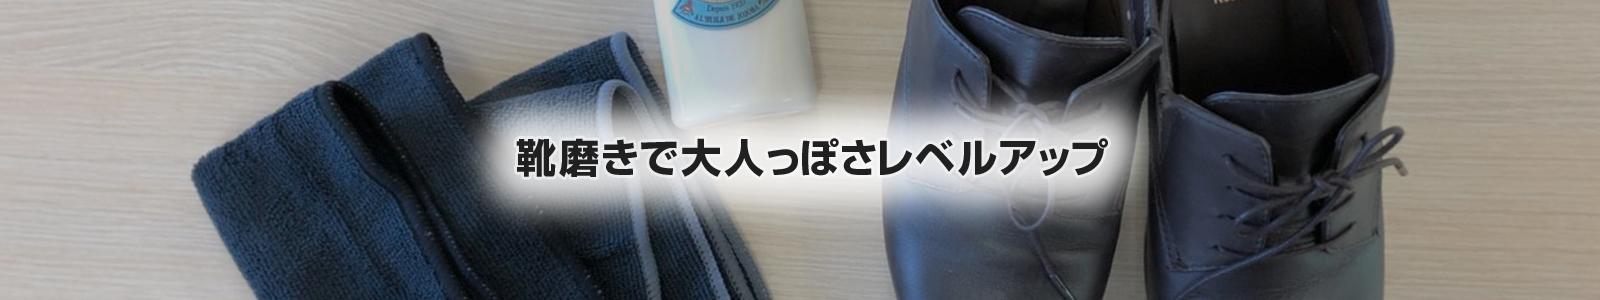 【ビストロ先生キッチン万能ふきん】を使ってみた!靴磨き編